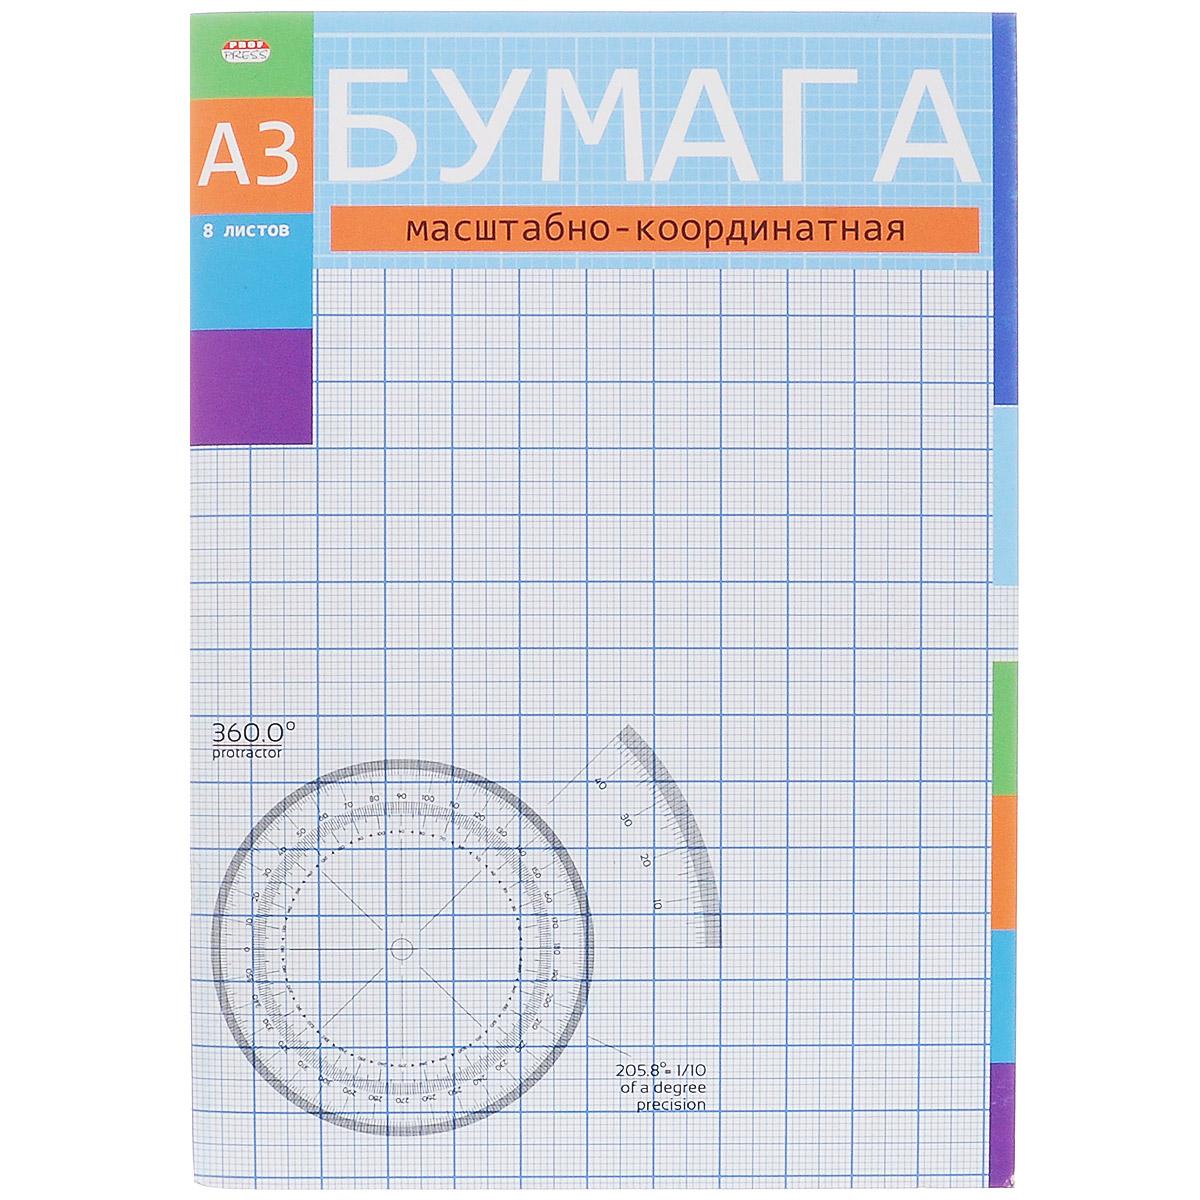 """Бумага масштабно-координатная """"Проф-Пресс"""", цвет: голубой, 8 листов, формат А3"""